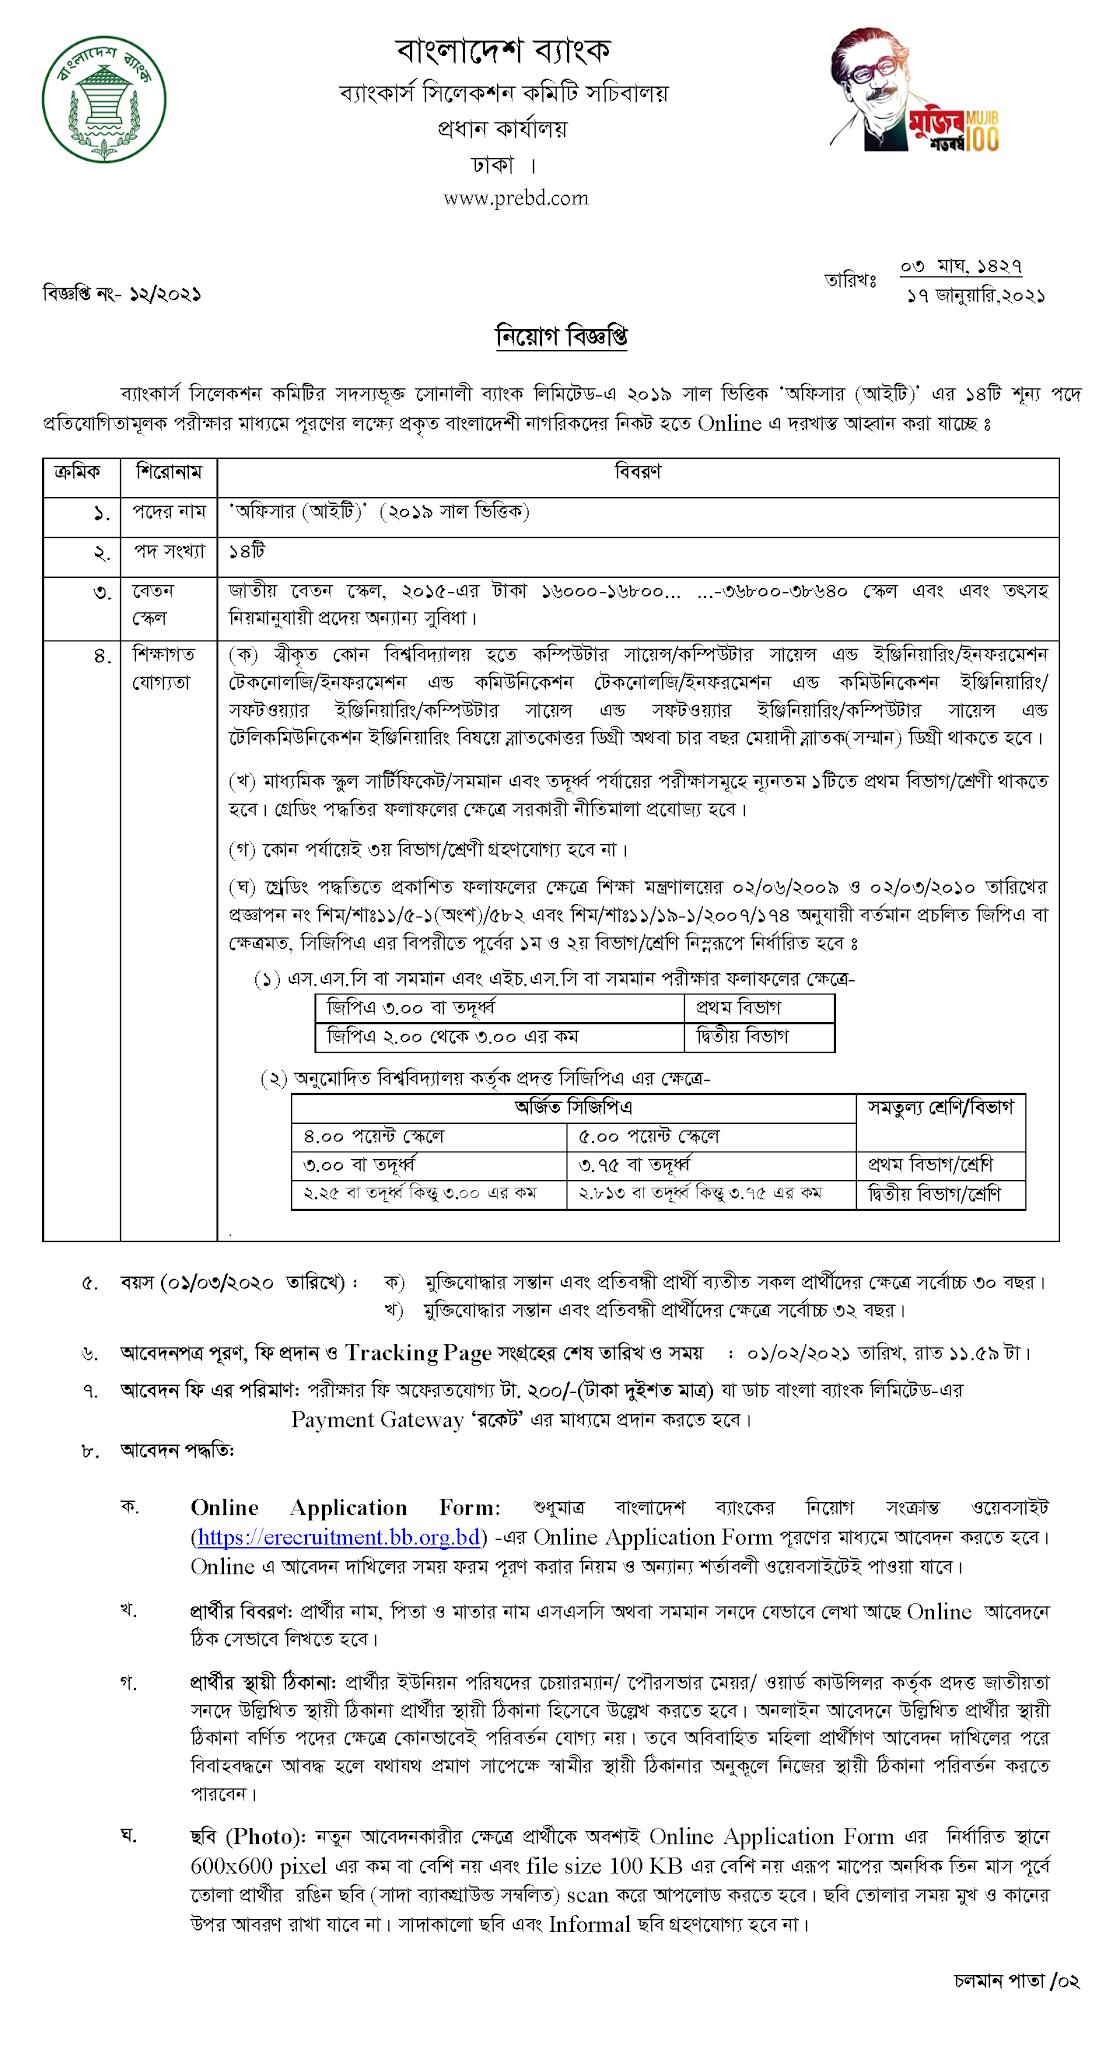 সোনালী ব্যাংক লিঃ এ নিয়োগ বিজ্ঞপ্তি ২০২১ | Sunali Bank Job Circular 2021